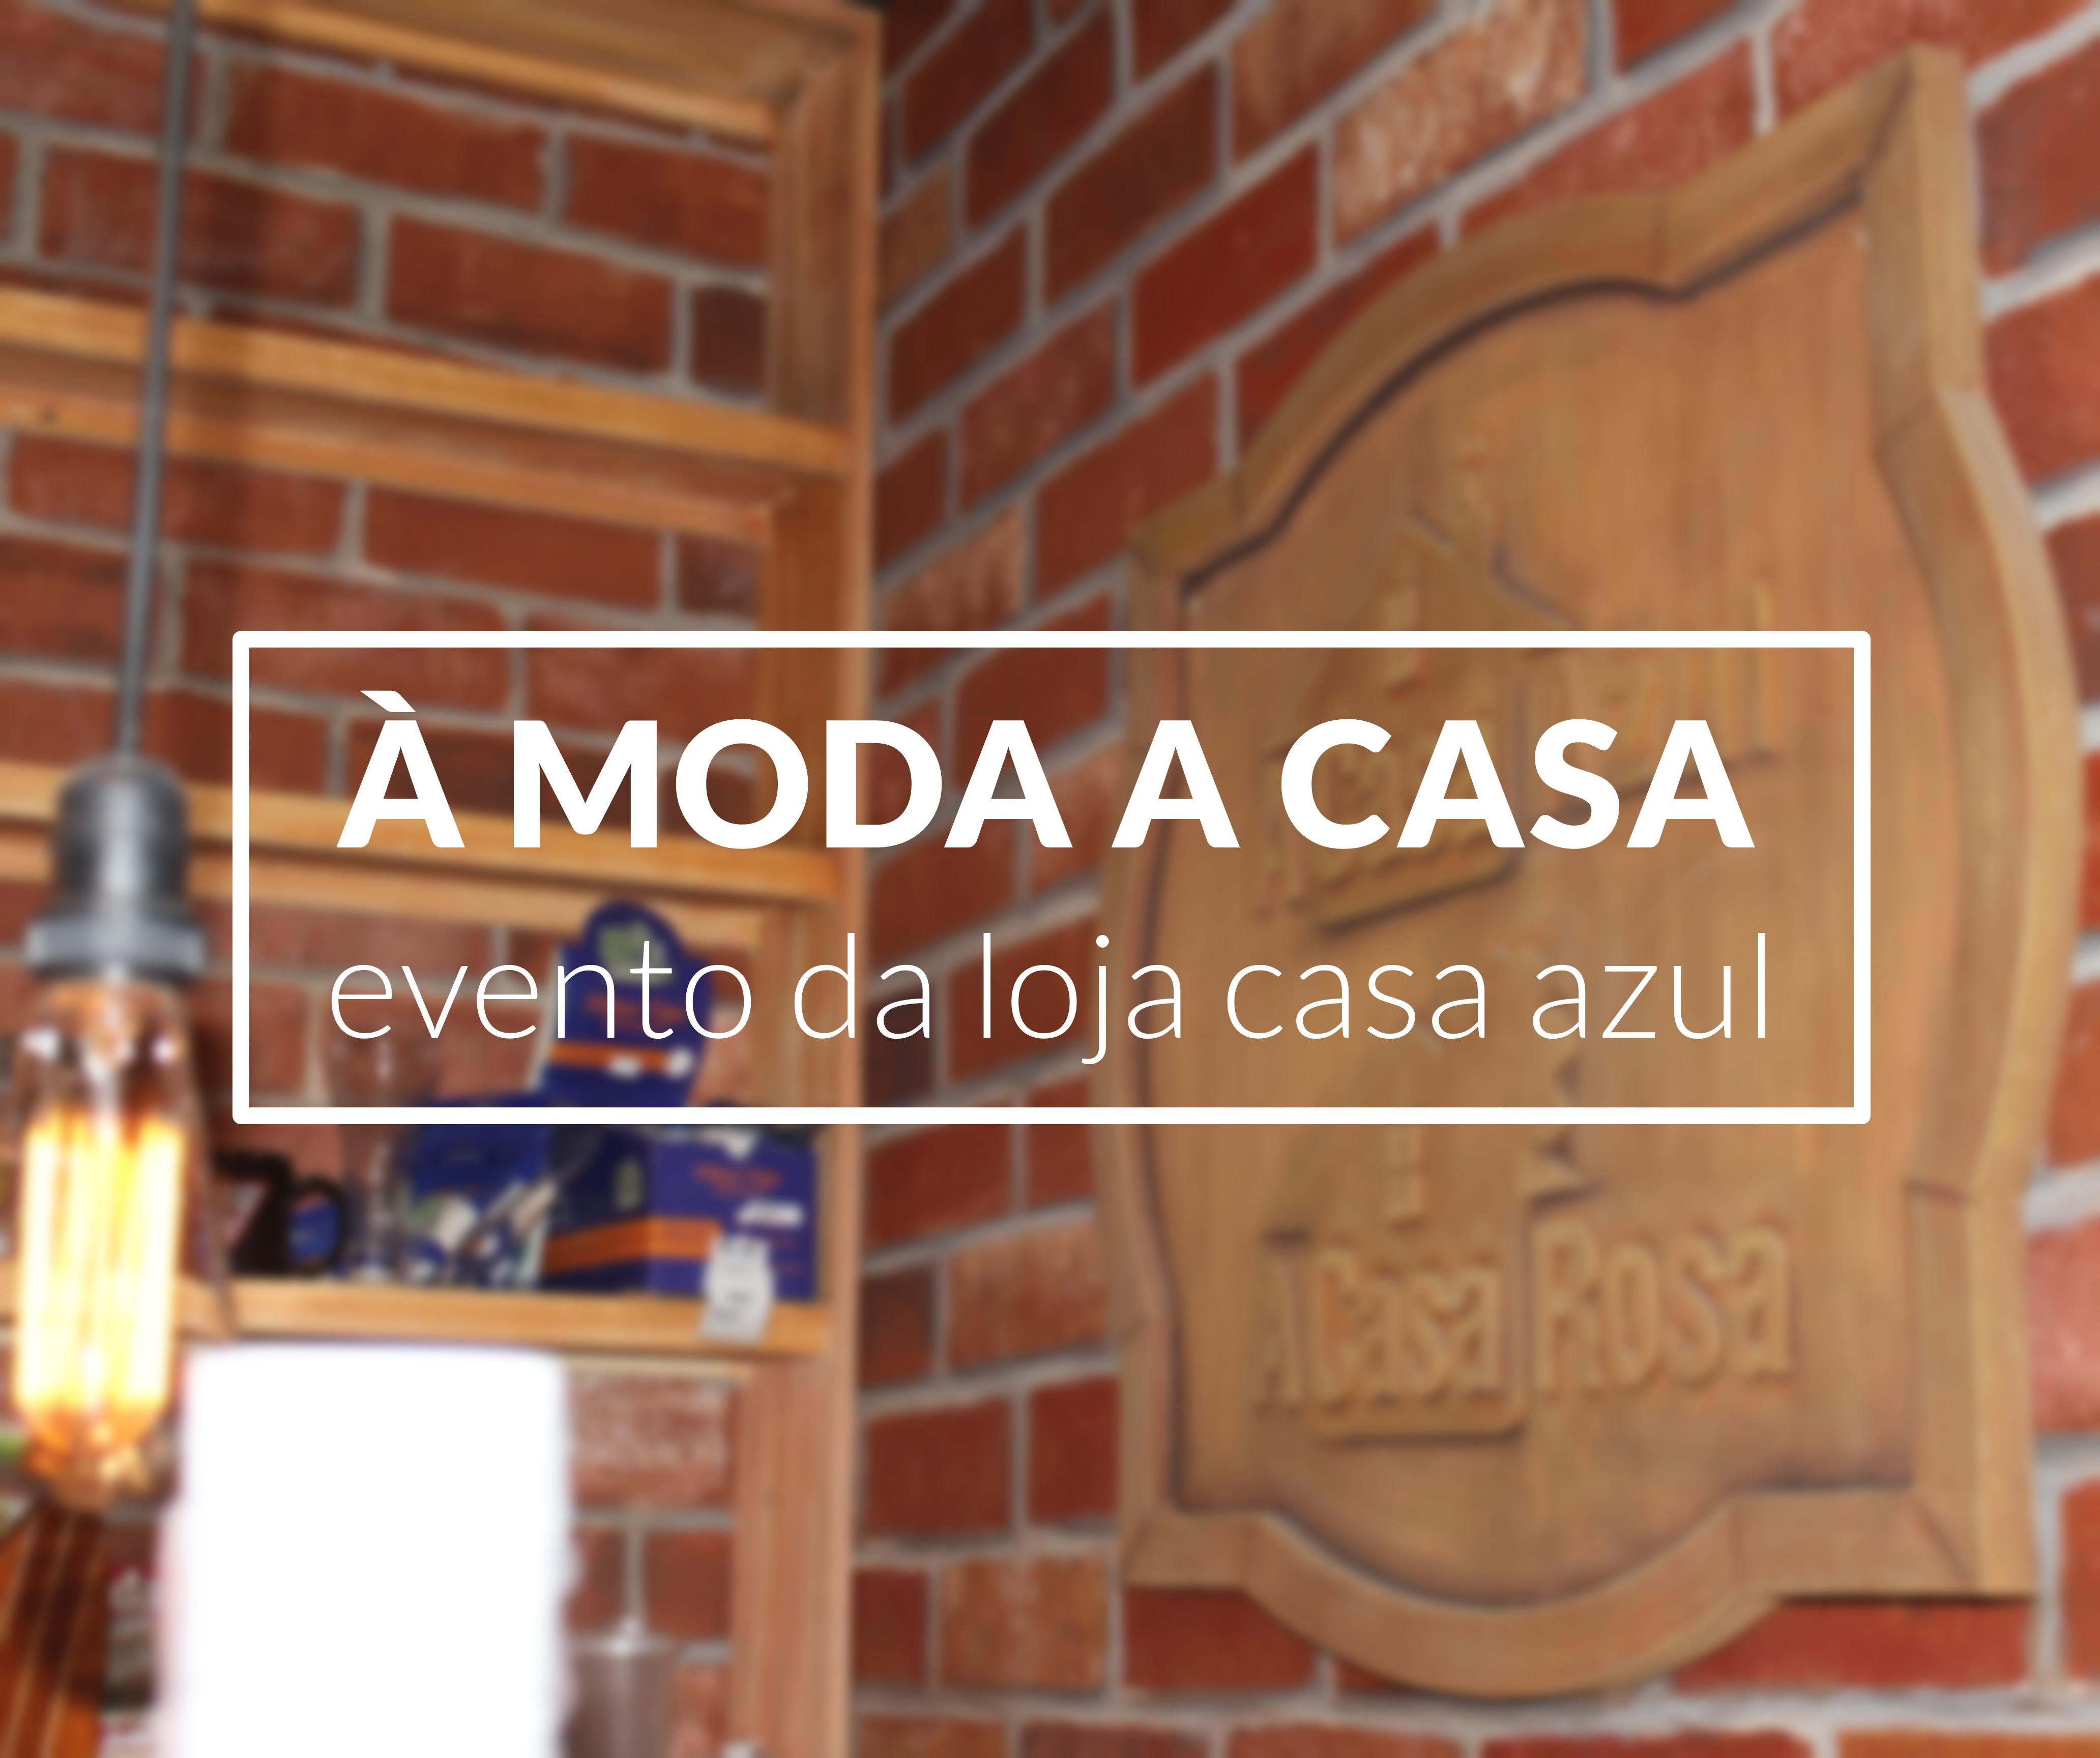 À MODA A CASA I EVENTO NA LOJA CASA AZUL